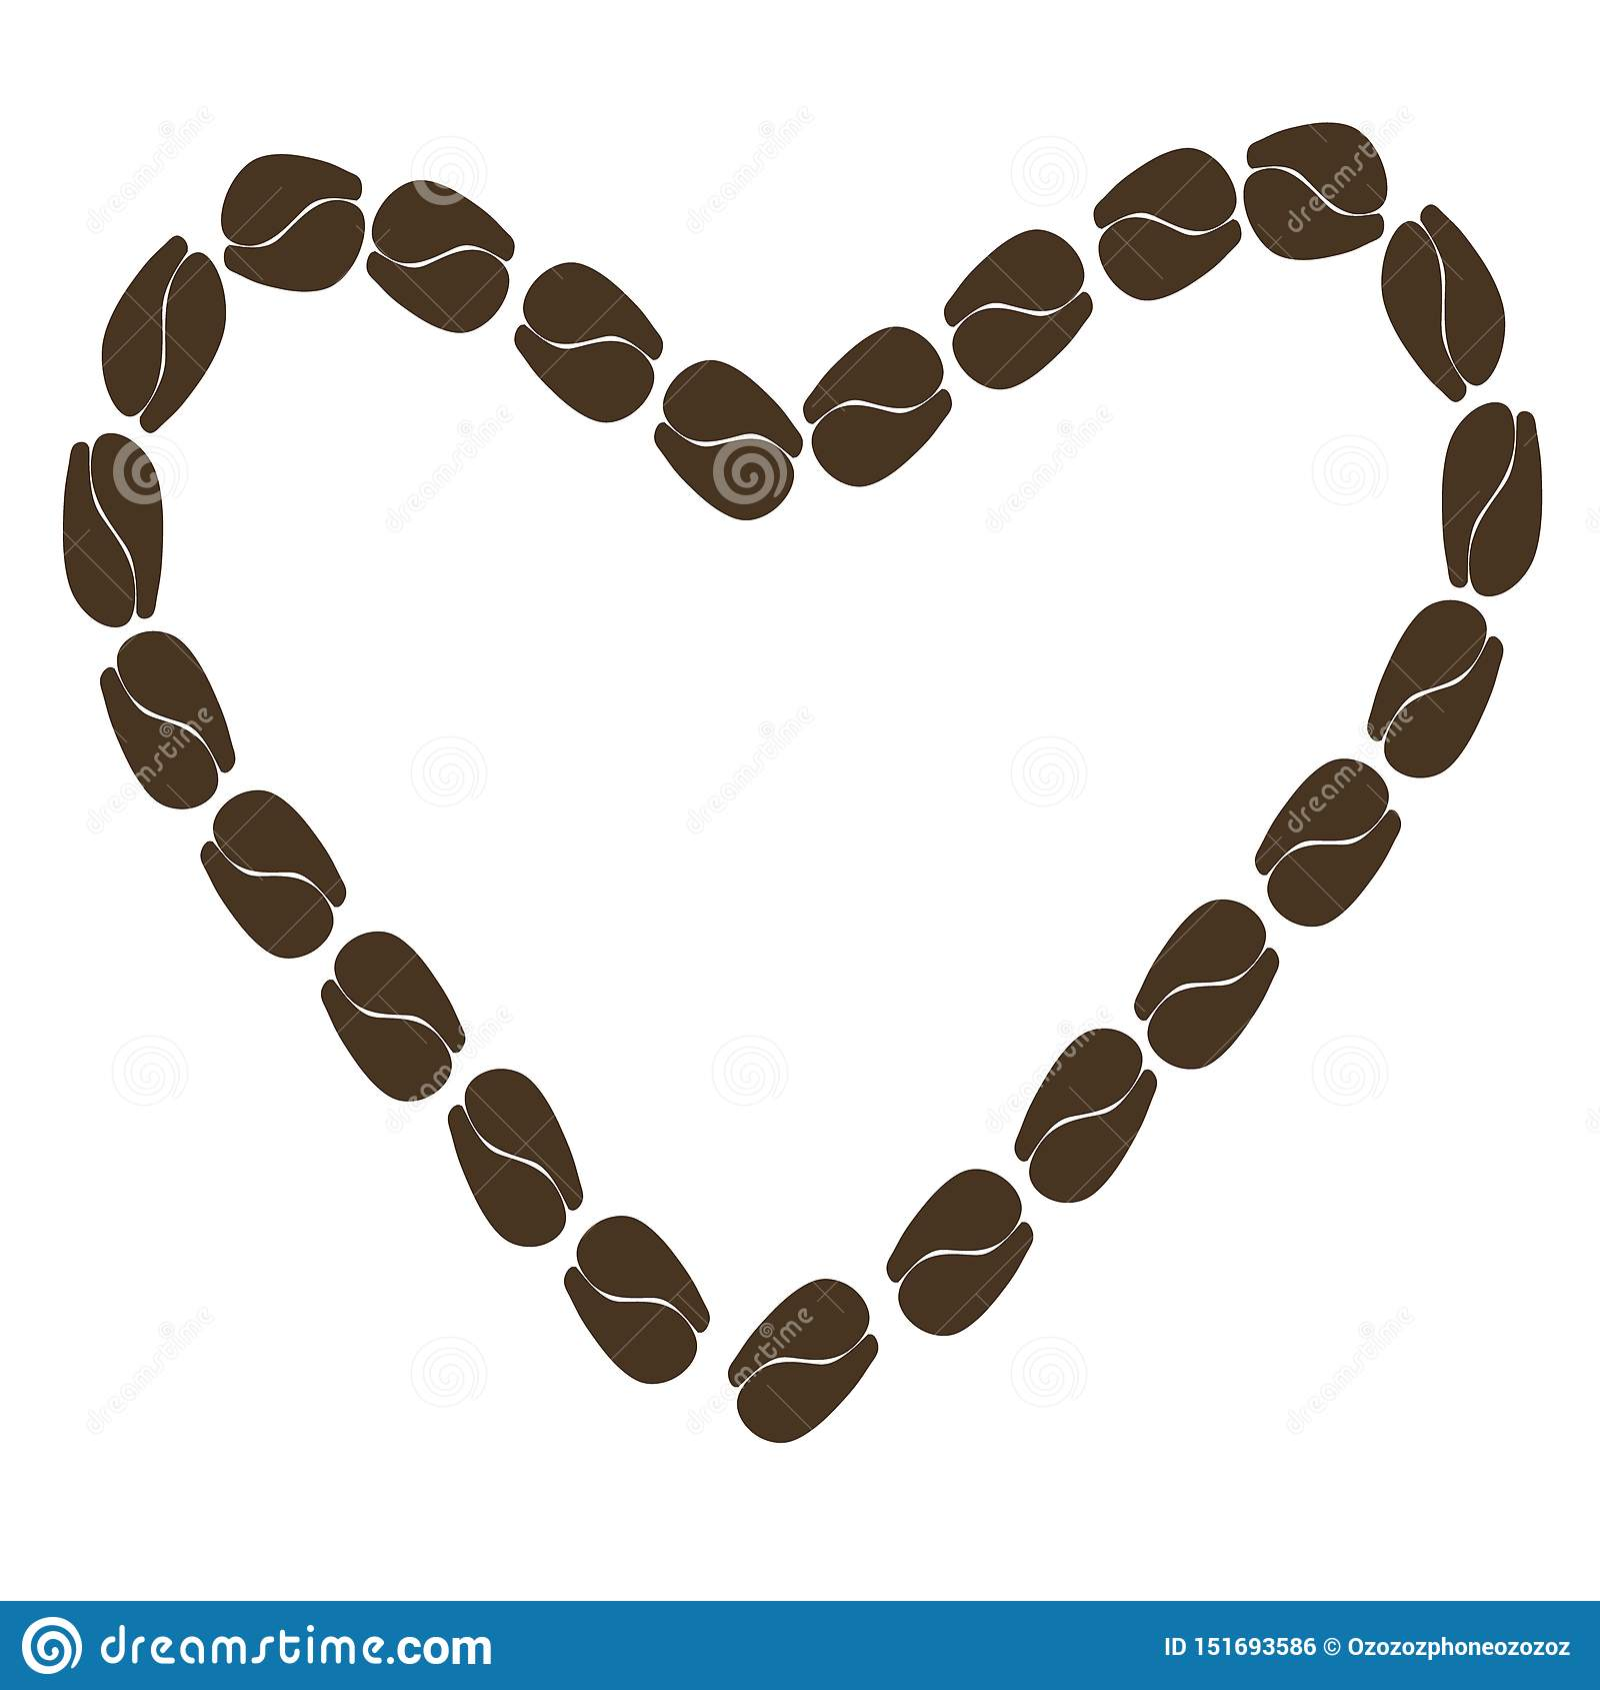 Illustratie abstract hart van koffiebonen